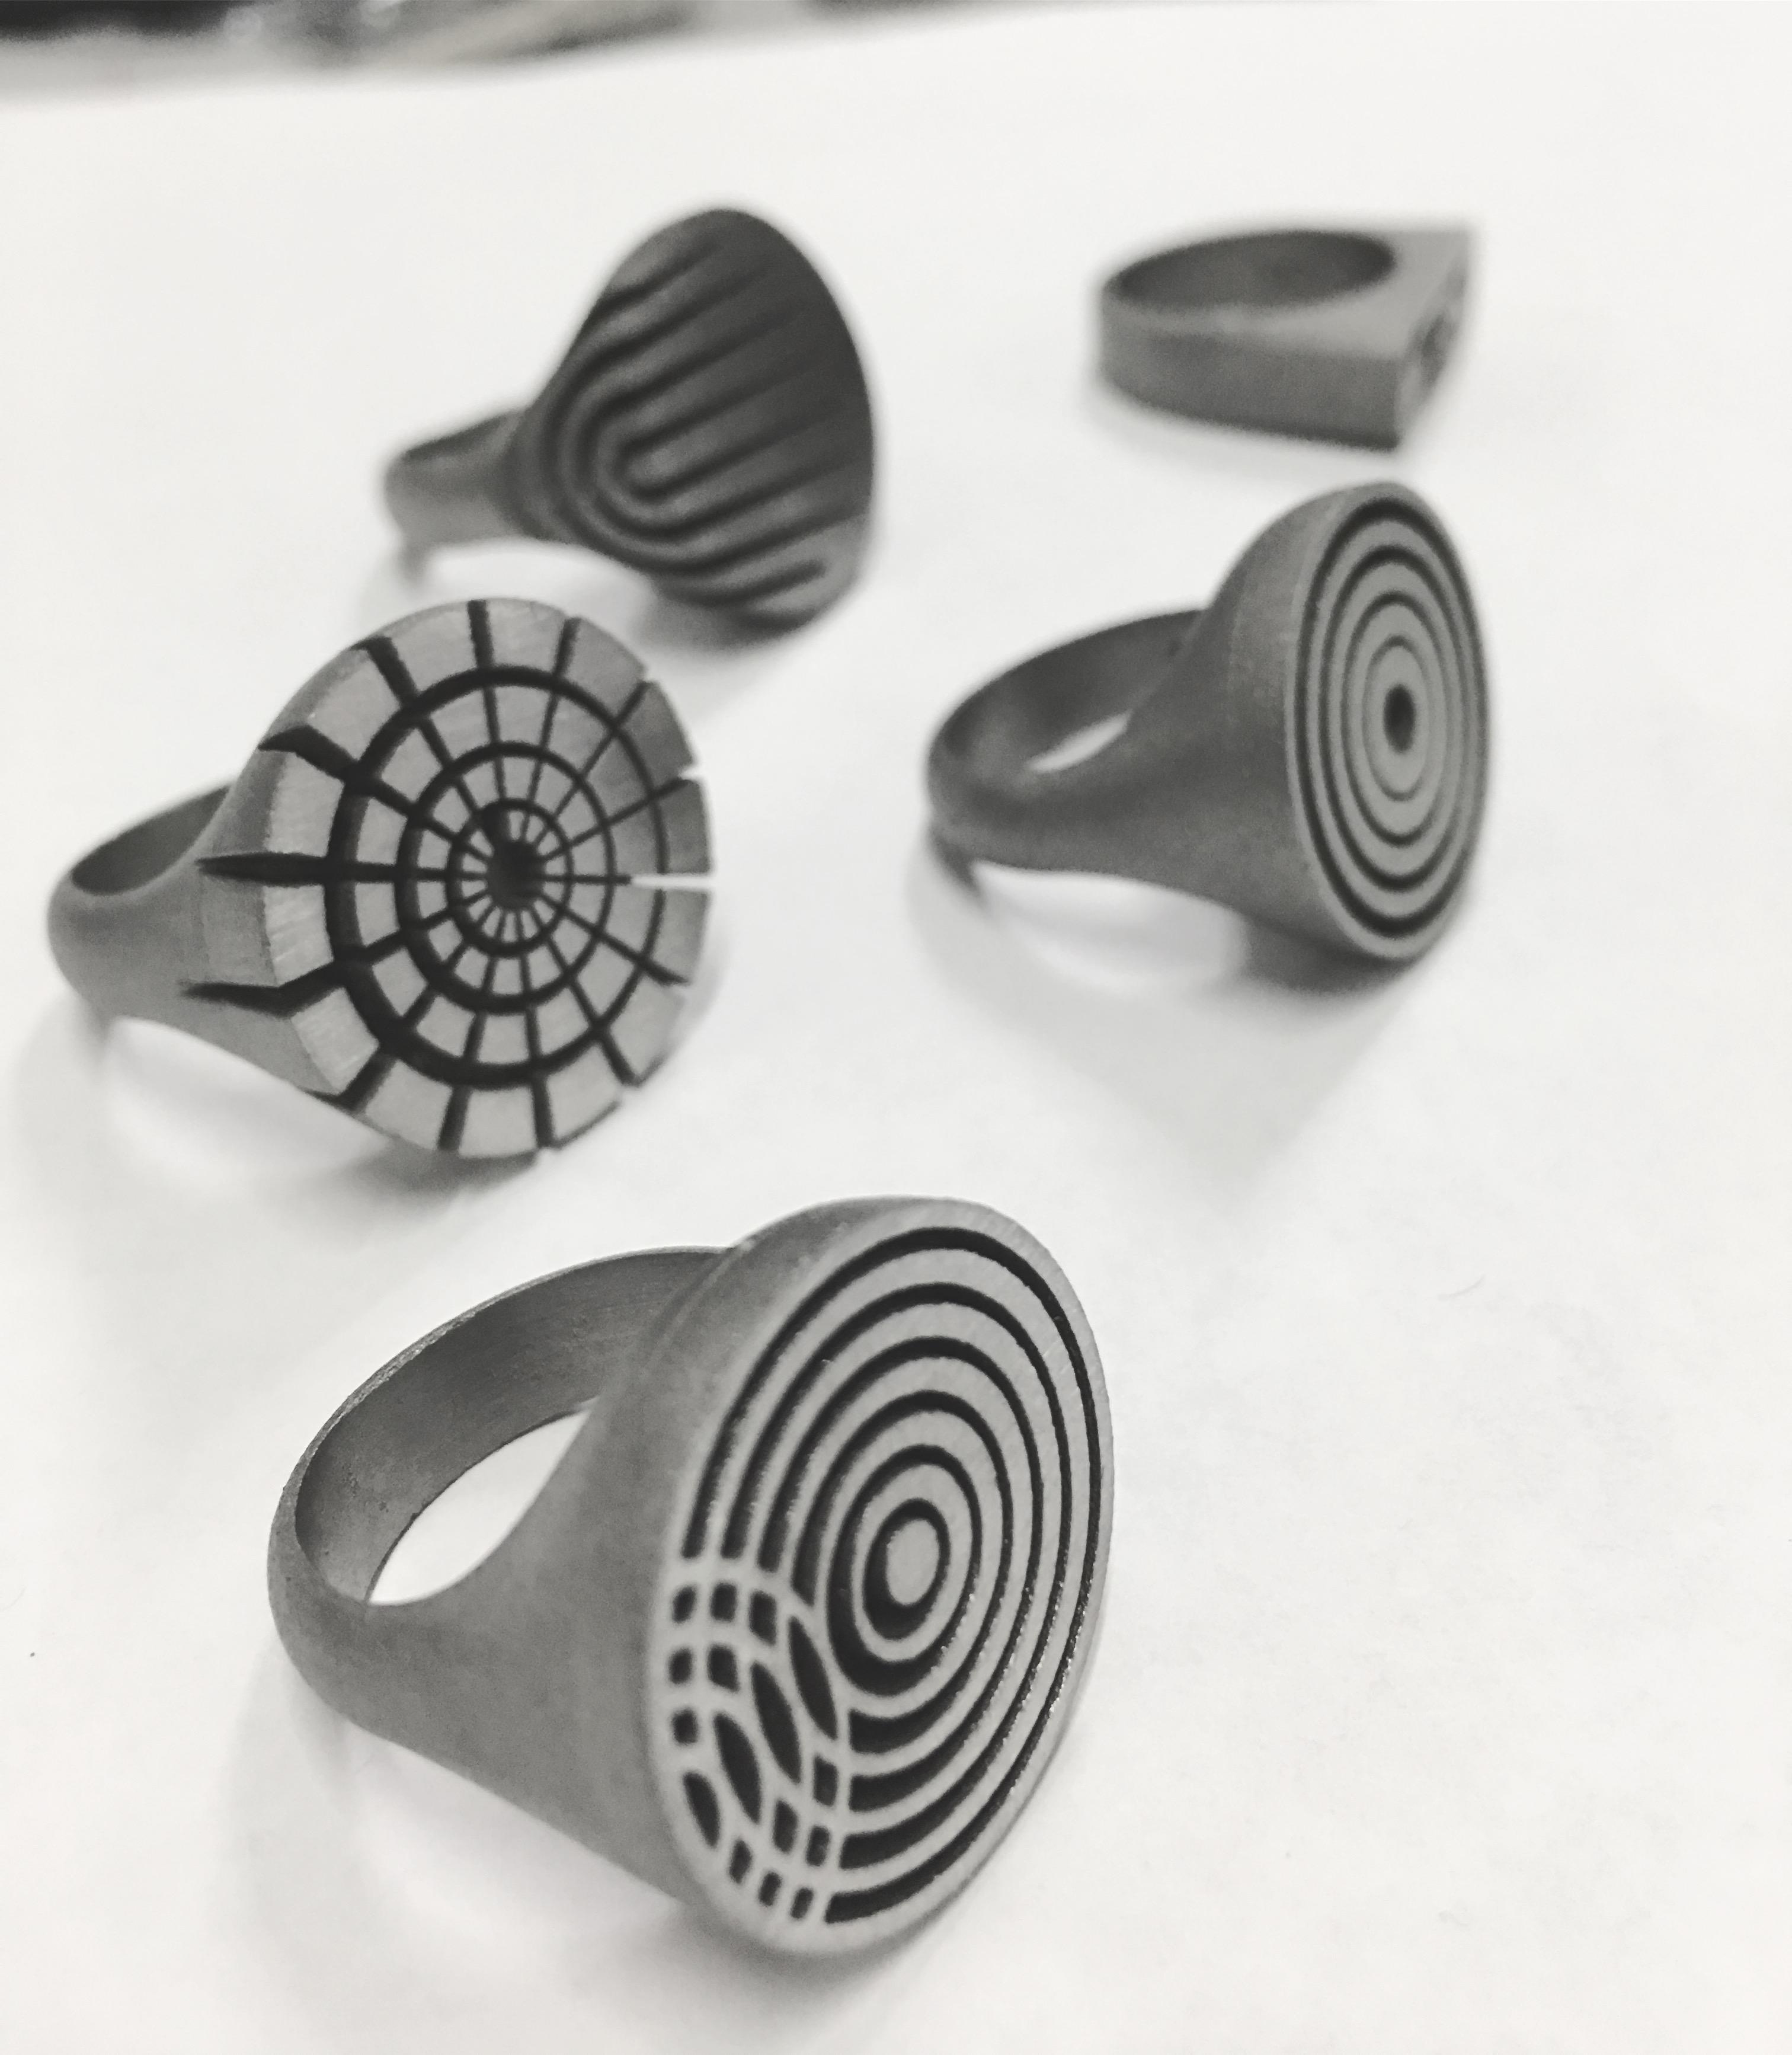 Carl Noonan Titanium printed rings